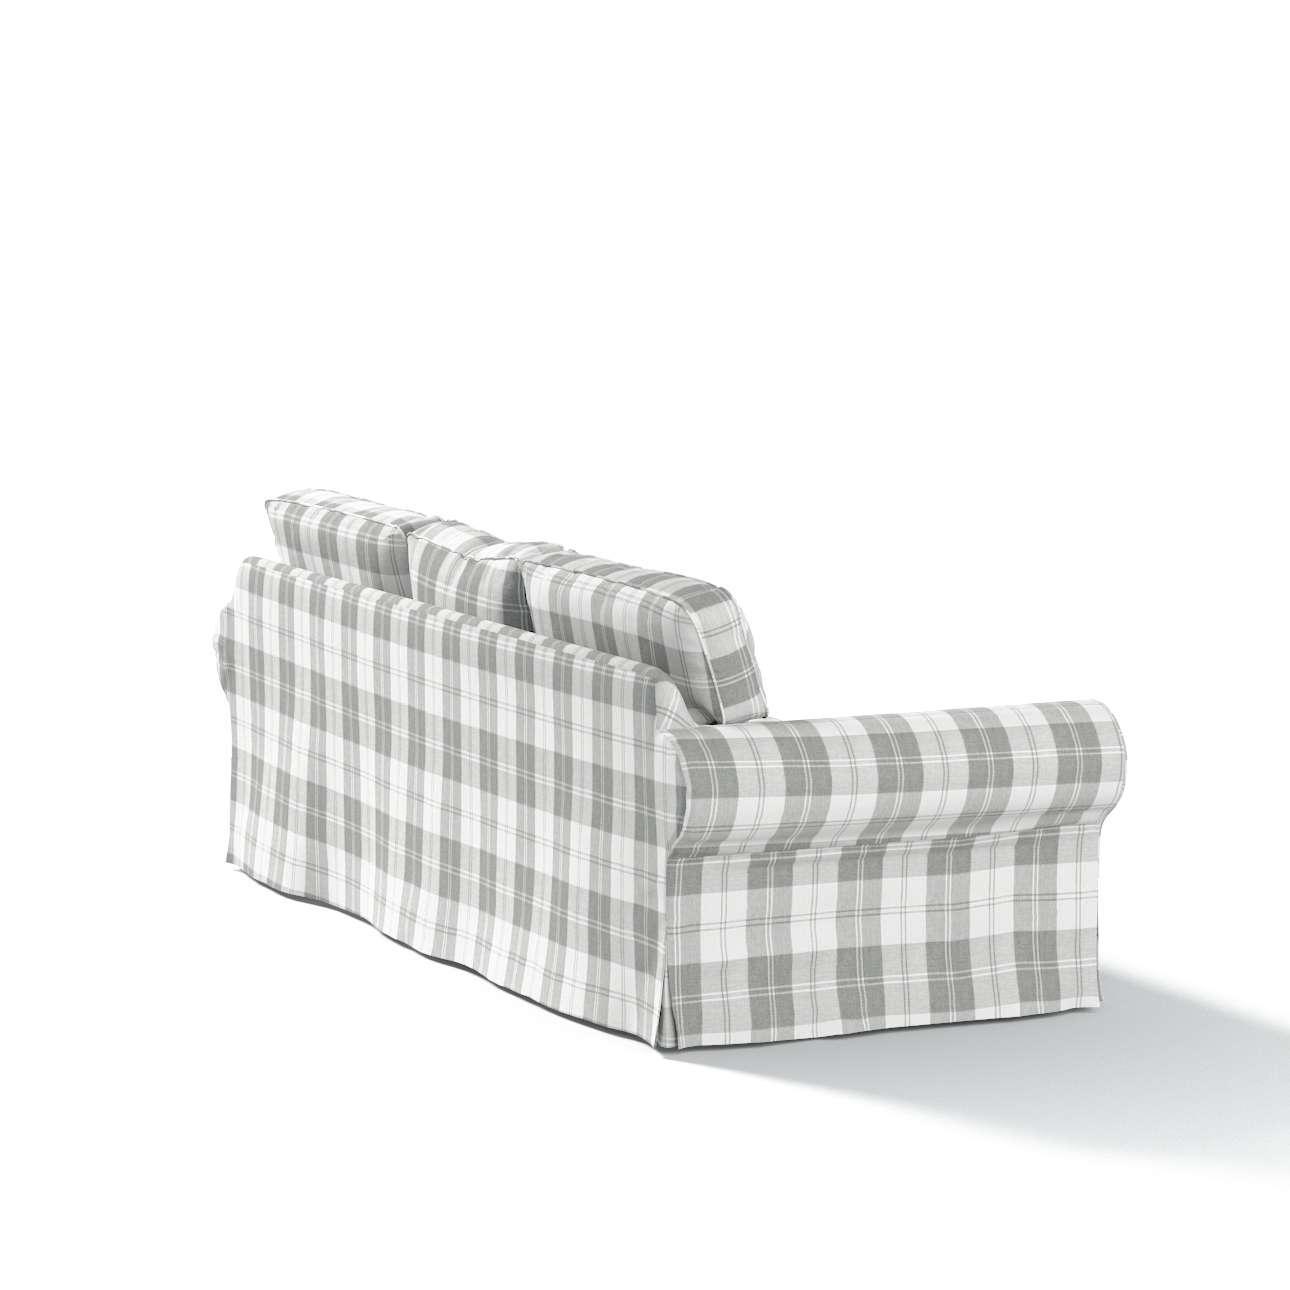 Pokrowiec na sofę Ektorp 3-osobową, nierozkładaną Sofa Ektorp 3-osobowa w kolekcji Edinburgh, tkanina: 115-79